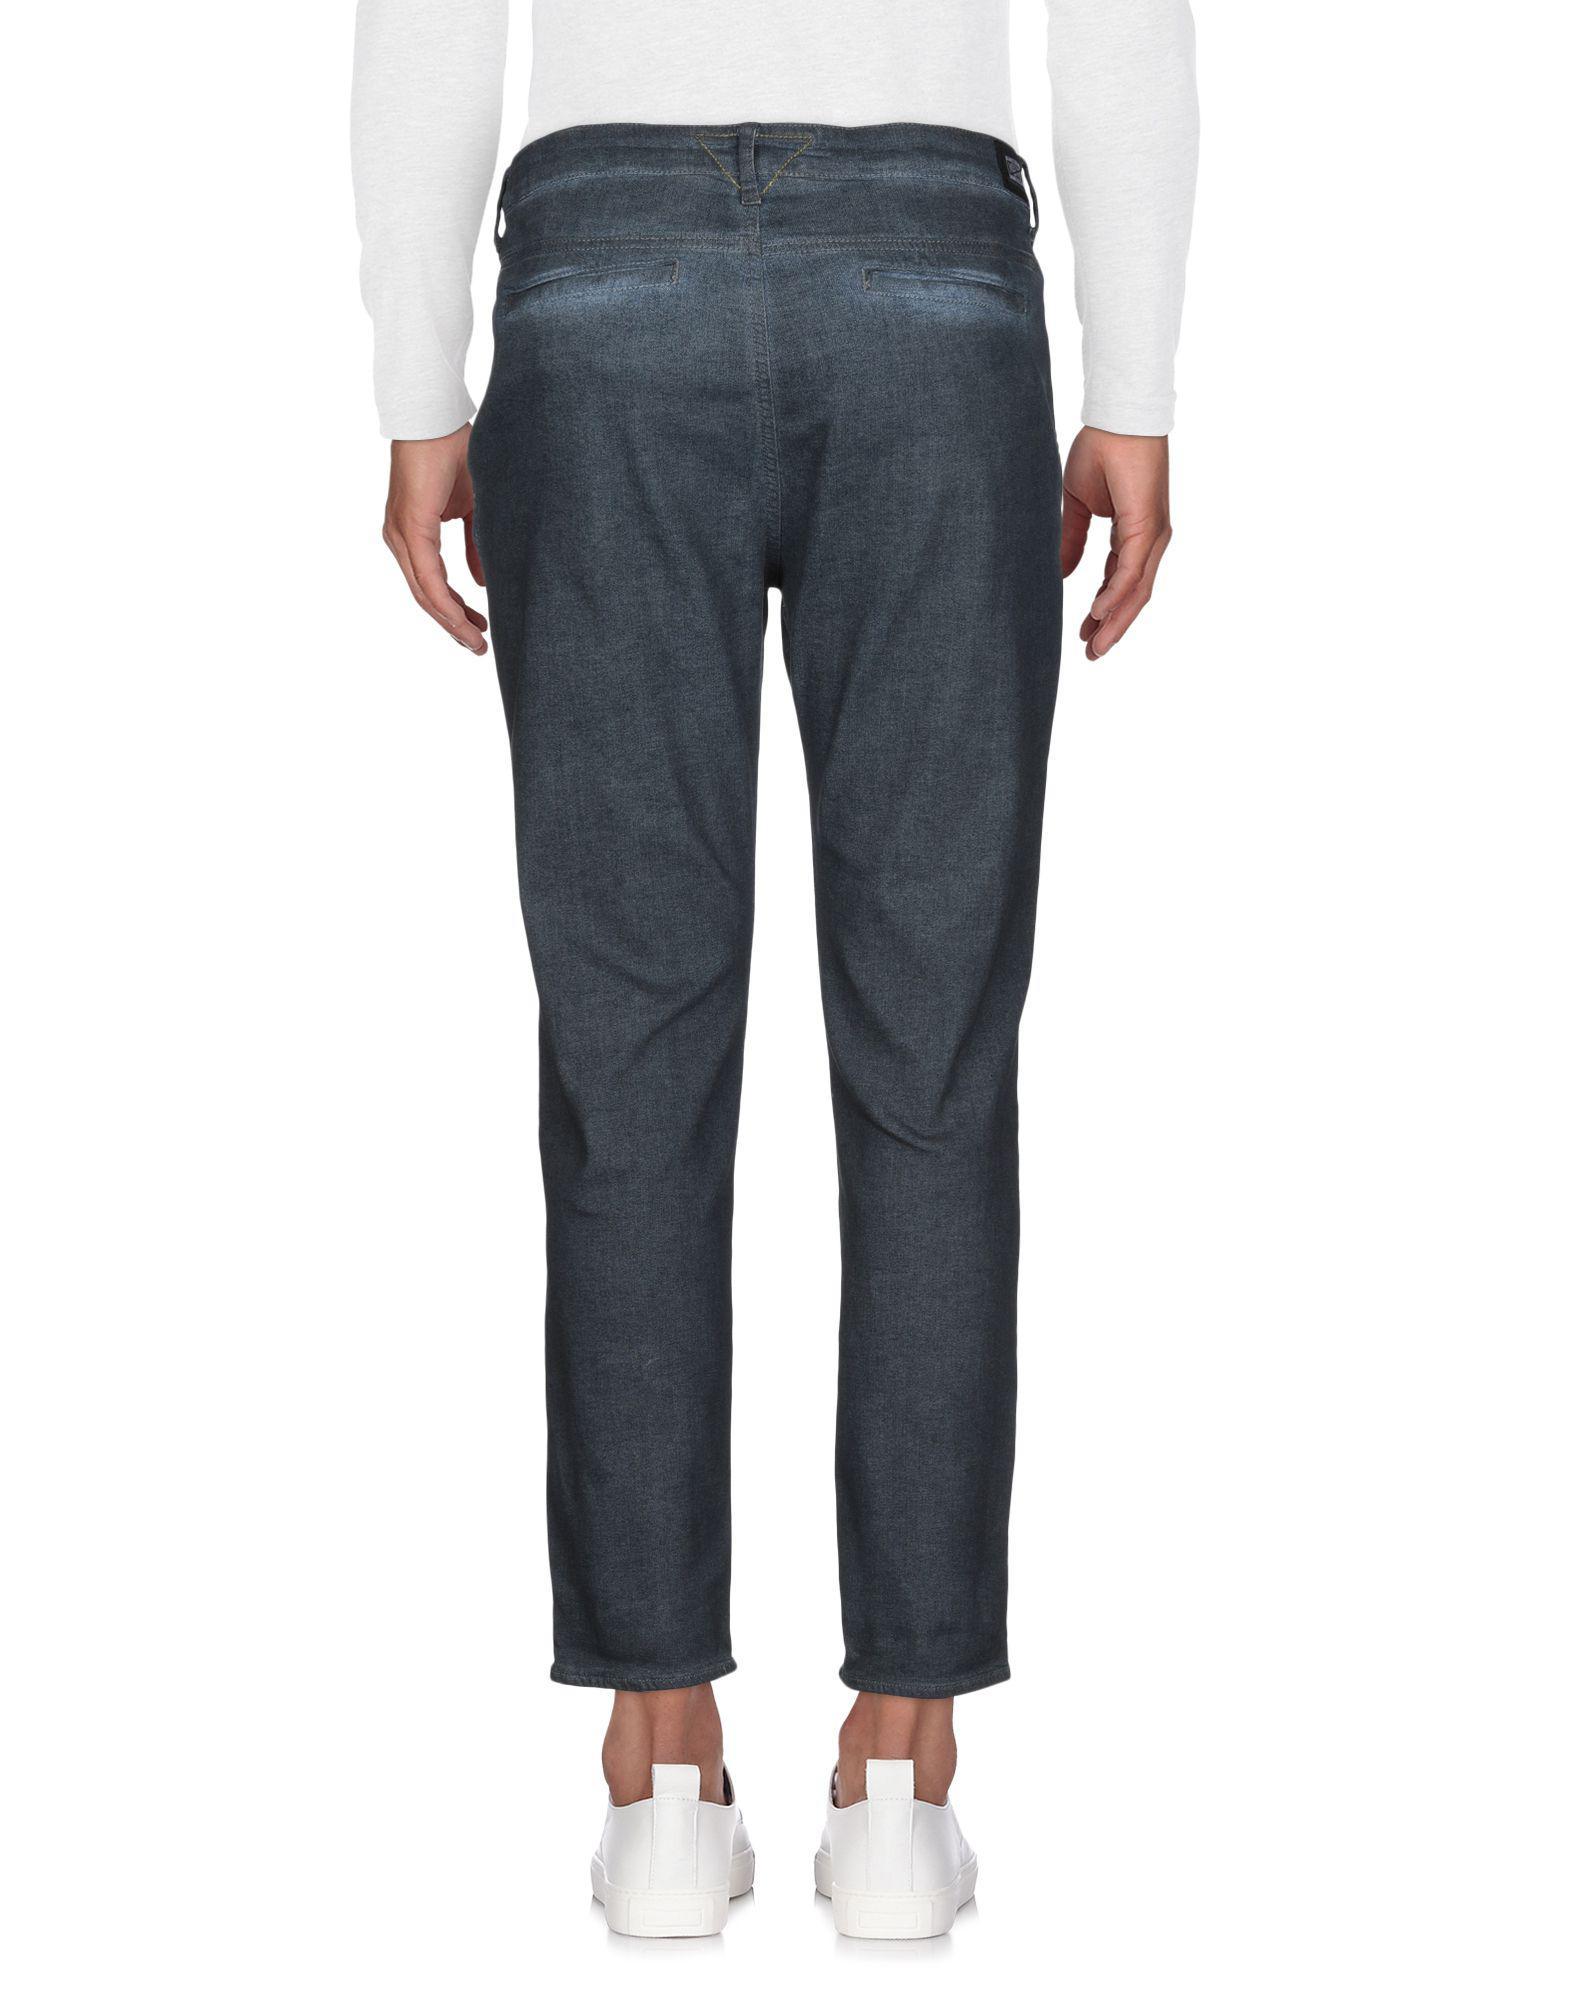 Meltin' Pot Denim Trousers in Lead (Blue) for Men